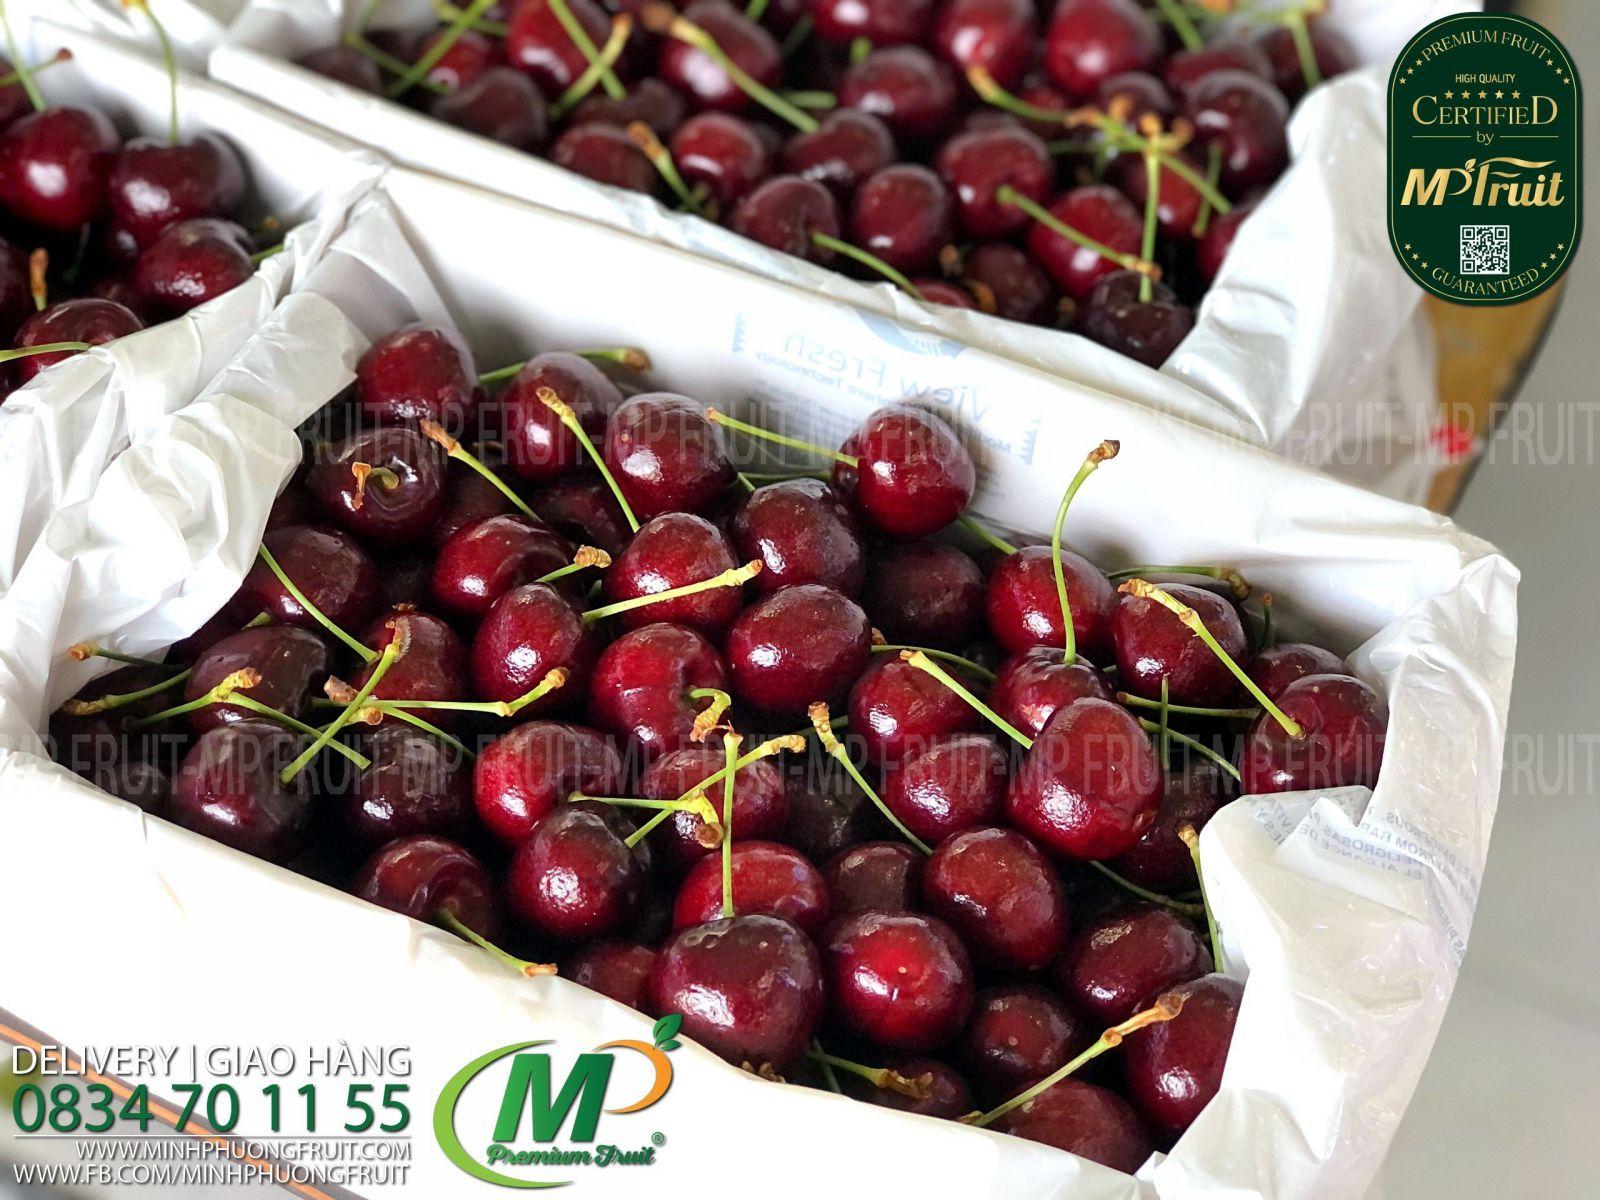 Cherry Đỏ Tasmania Size 32-34 | 43° South thương hiệu uy tín của Úc tại MP Fruit